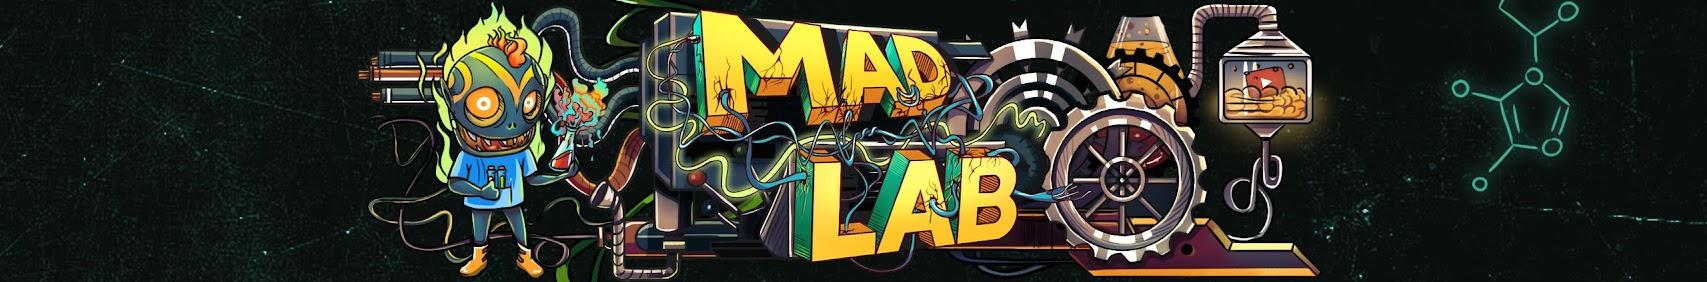 MAD LAB